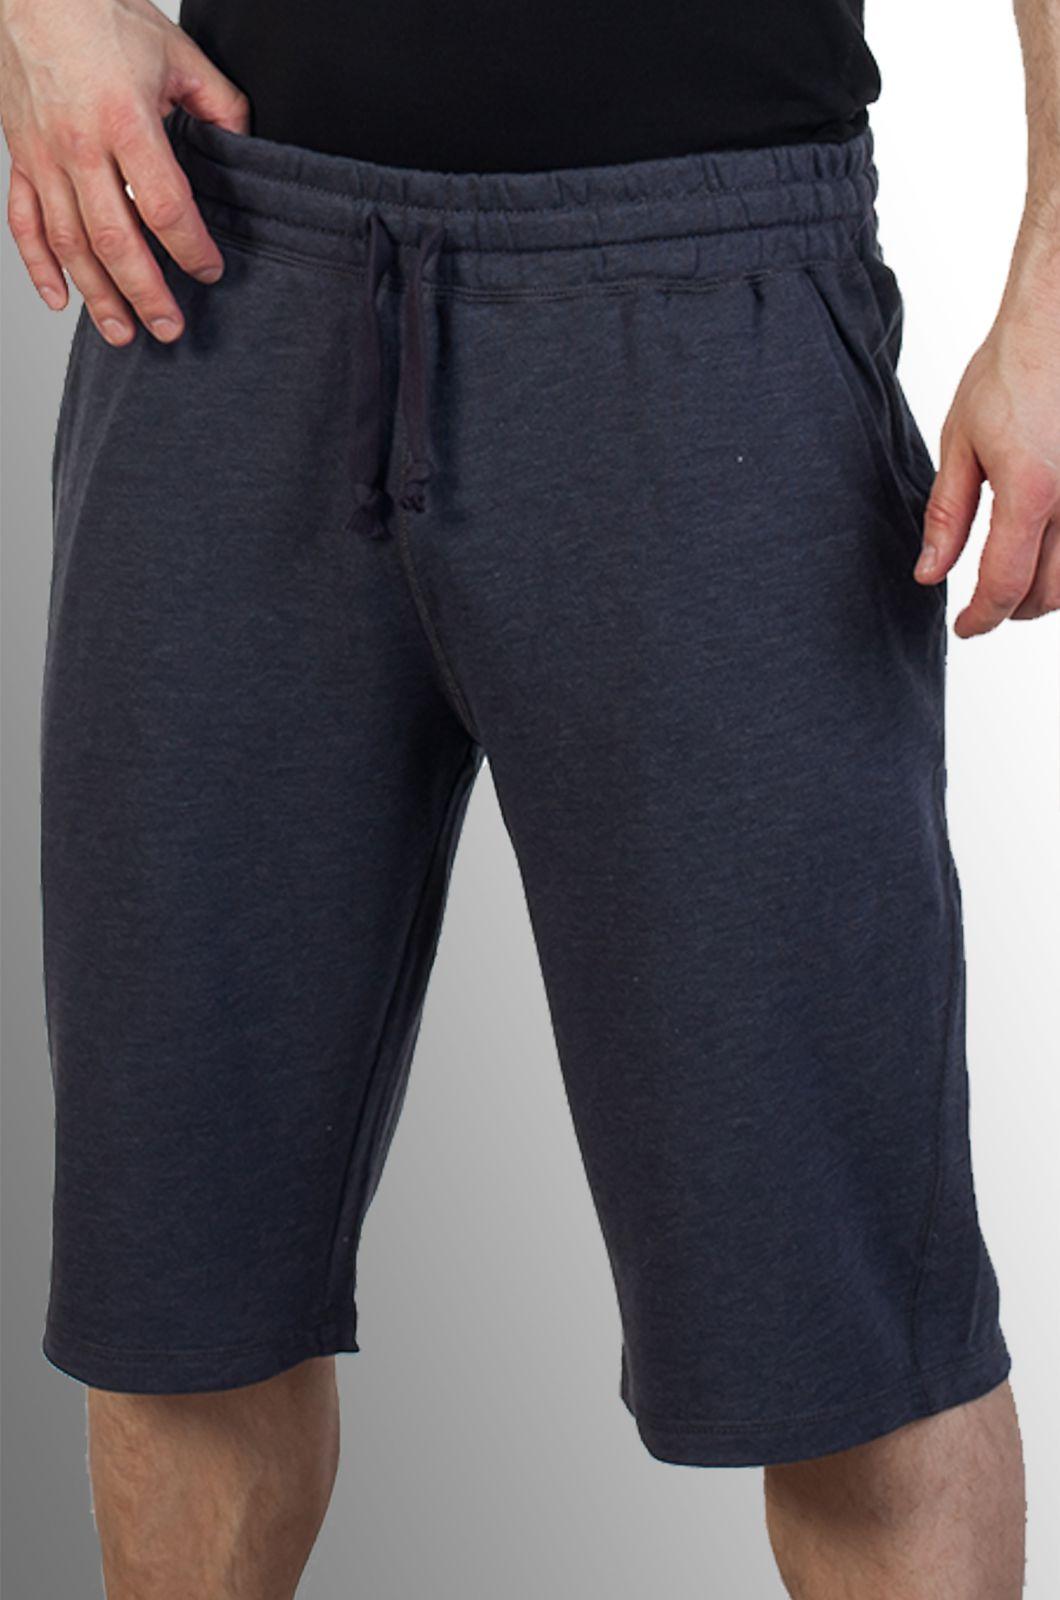 Спортивные шорты для мужчин по лучшей цене